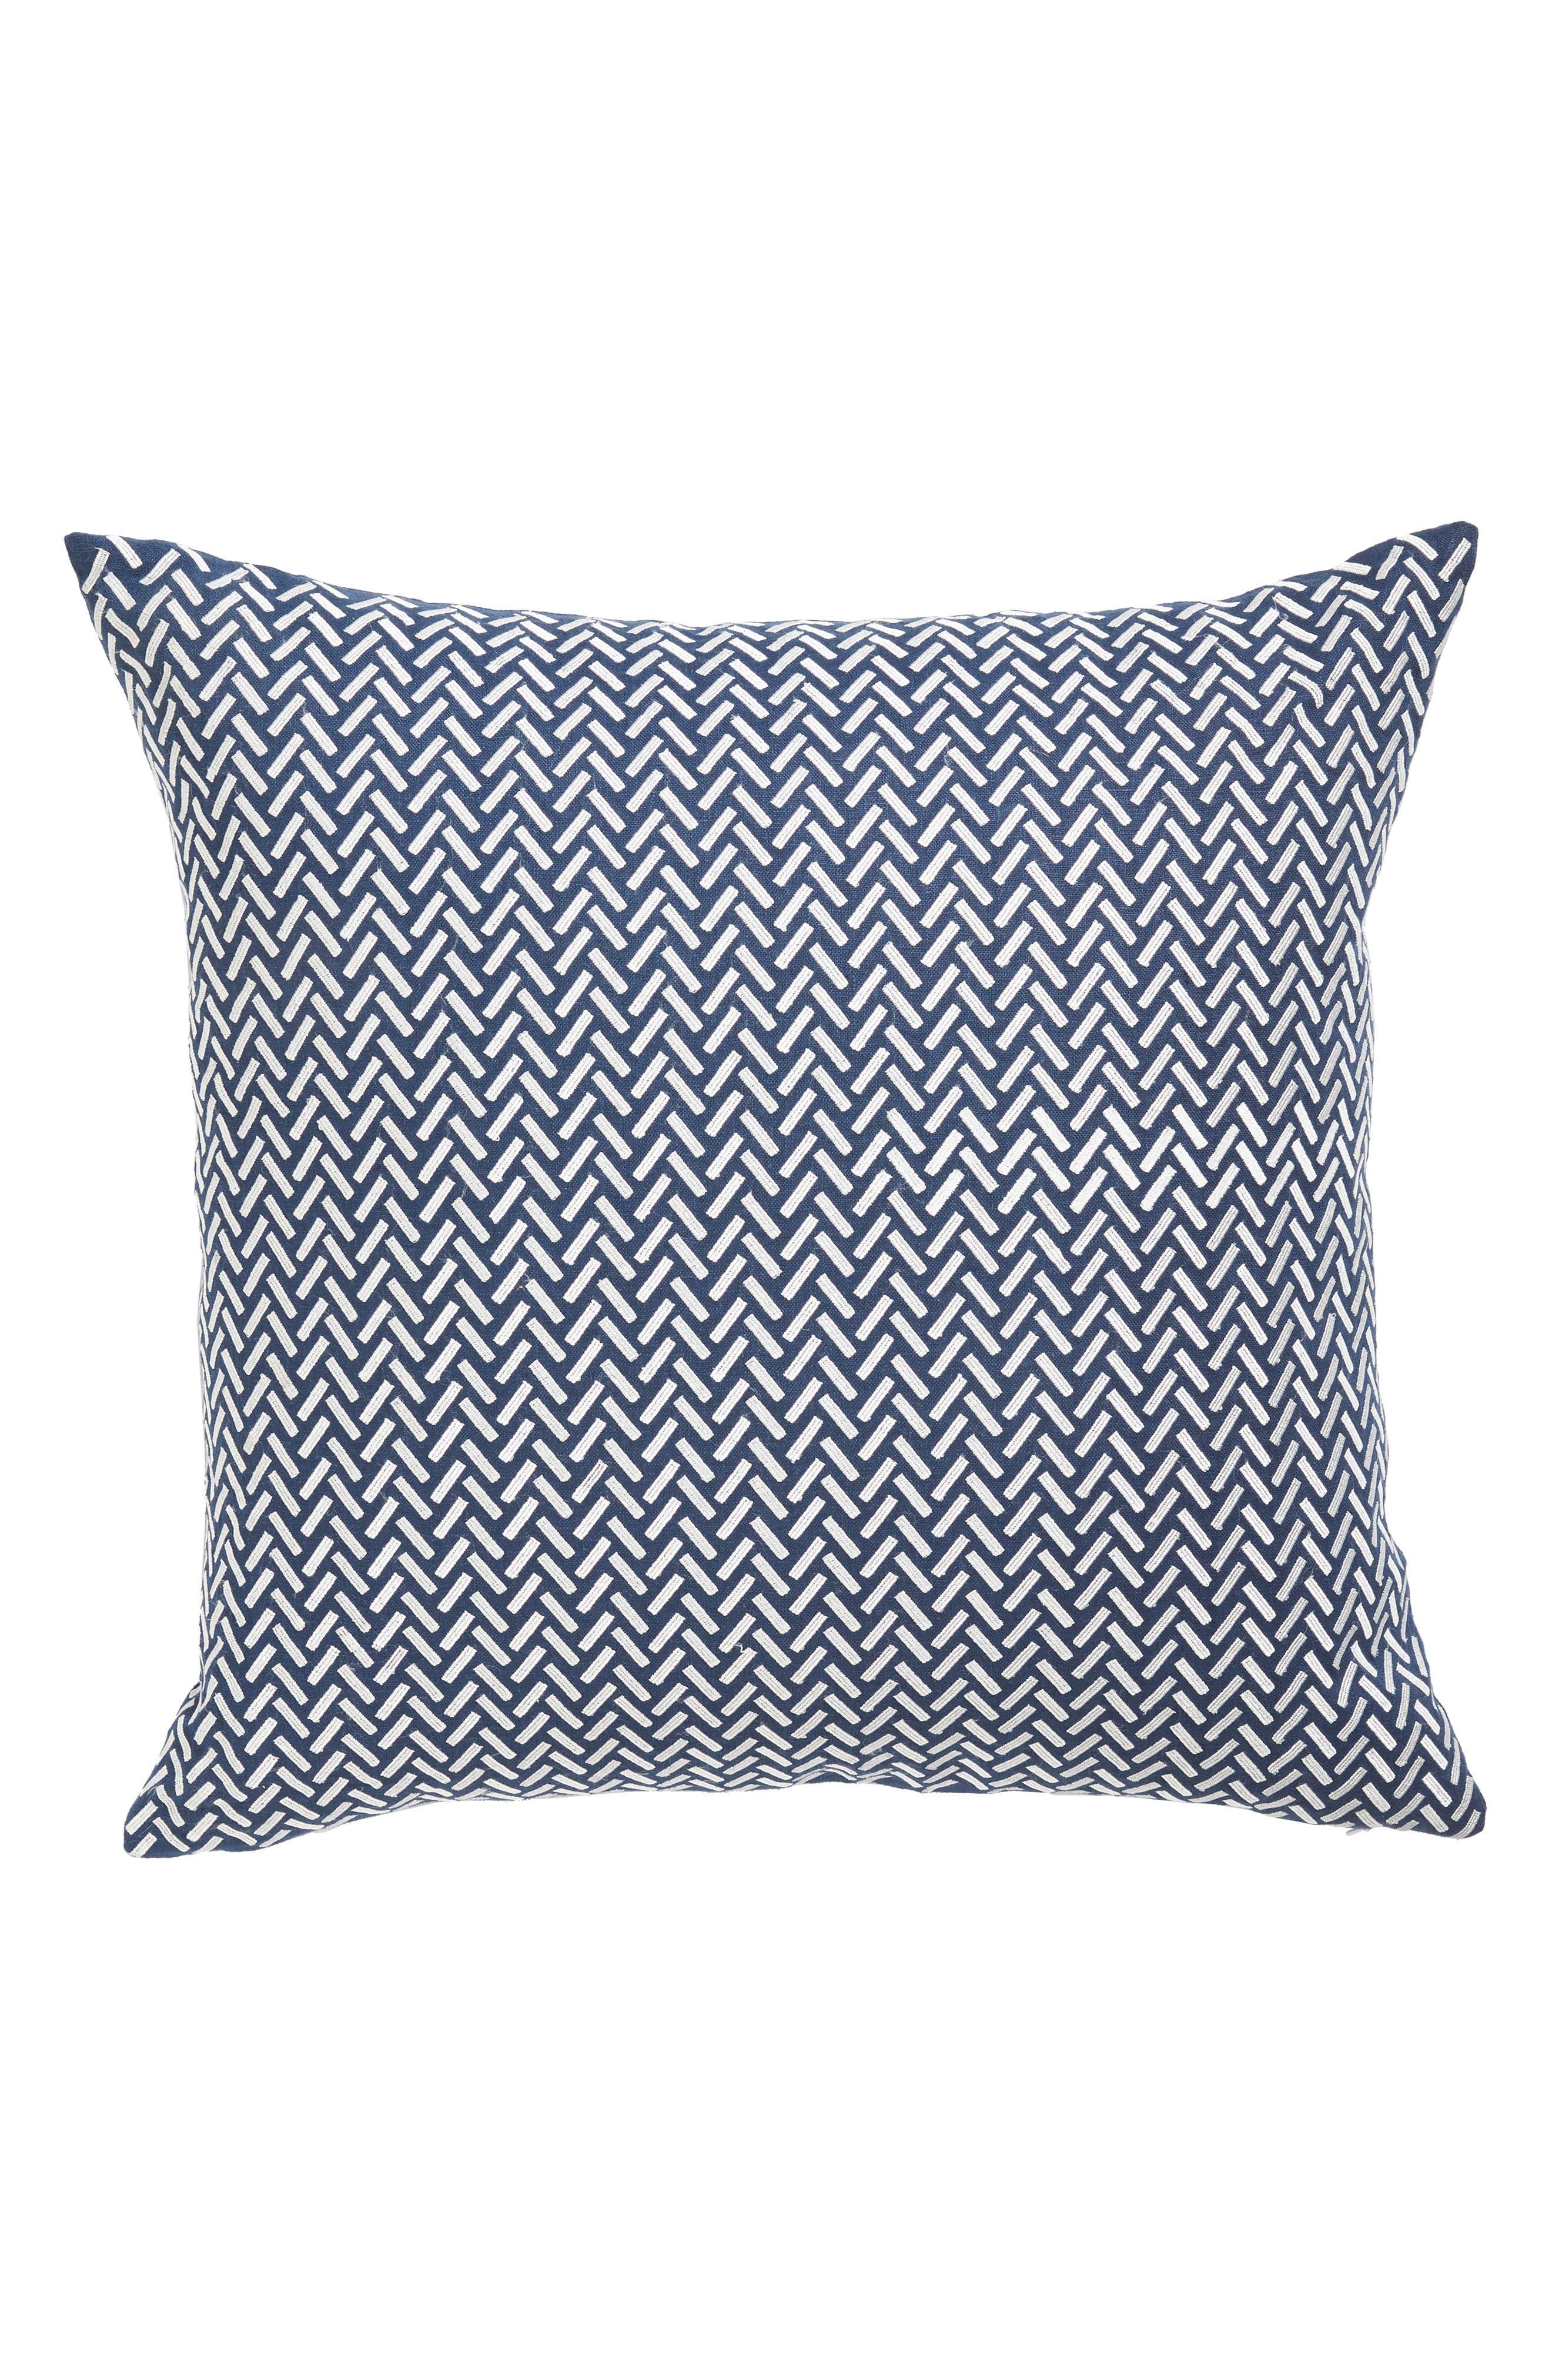 Corana Linen Pillow,                         Main,                         color, Navy/White